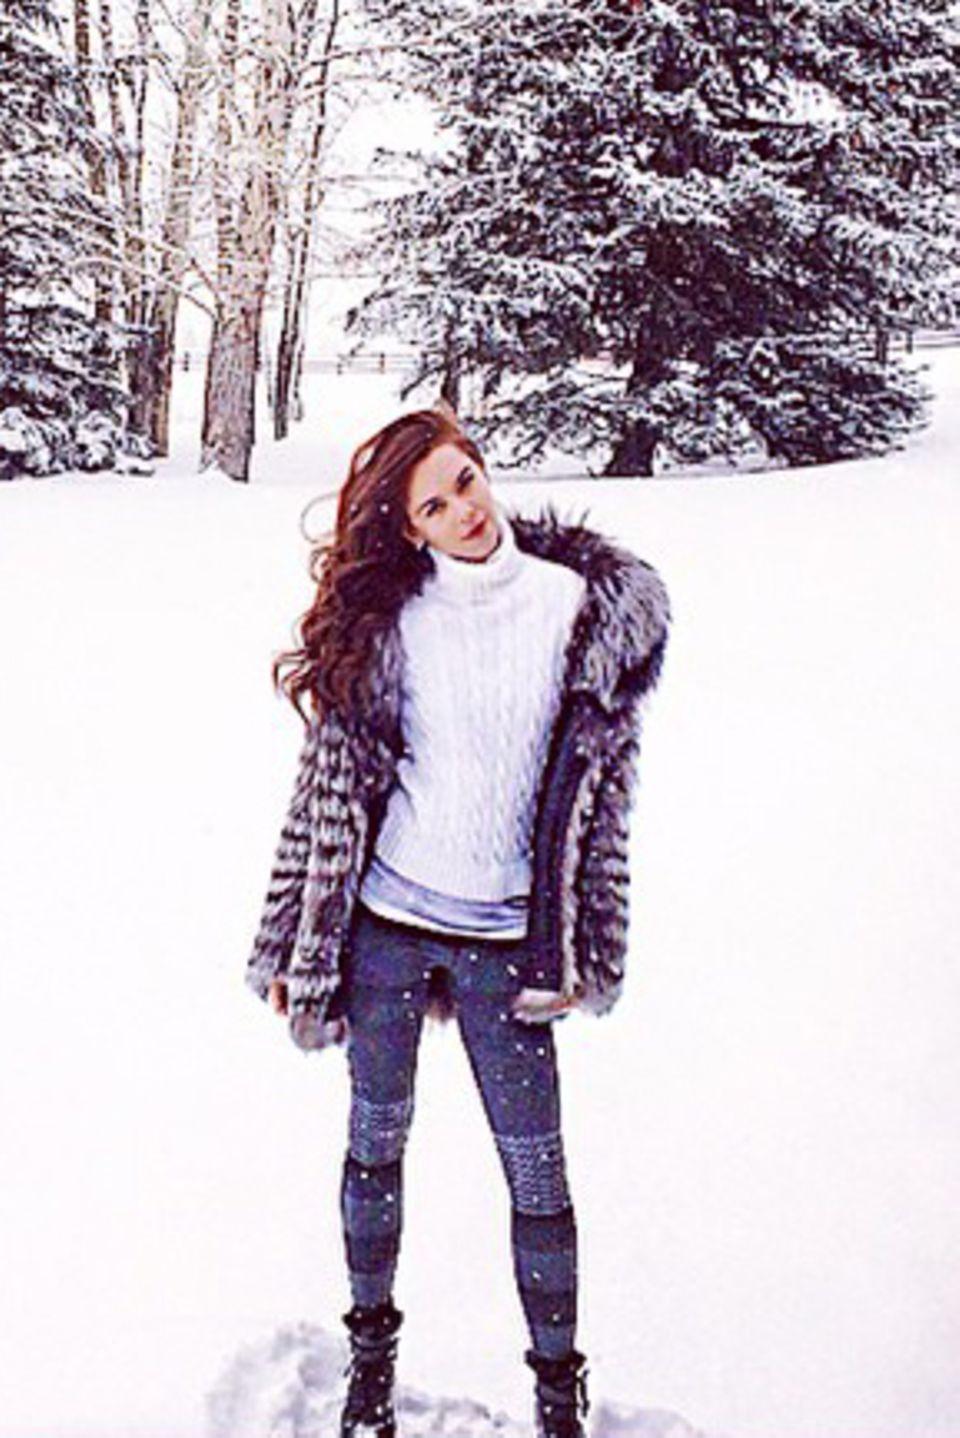 Liliana Matthäus freut sich über den Schnee in Aspen (Colorado).